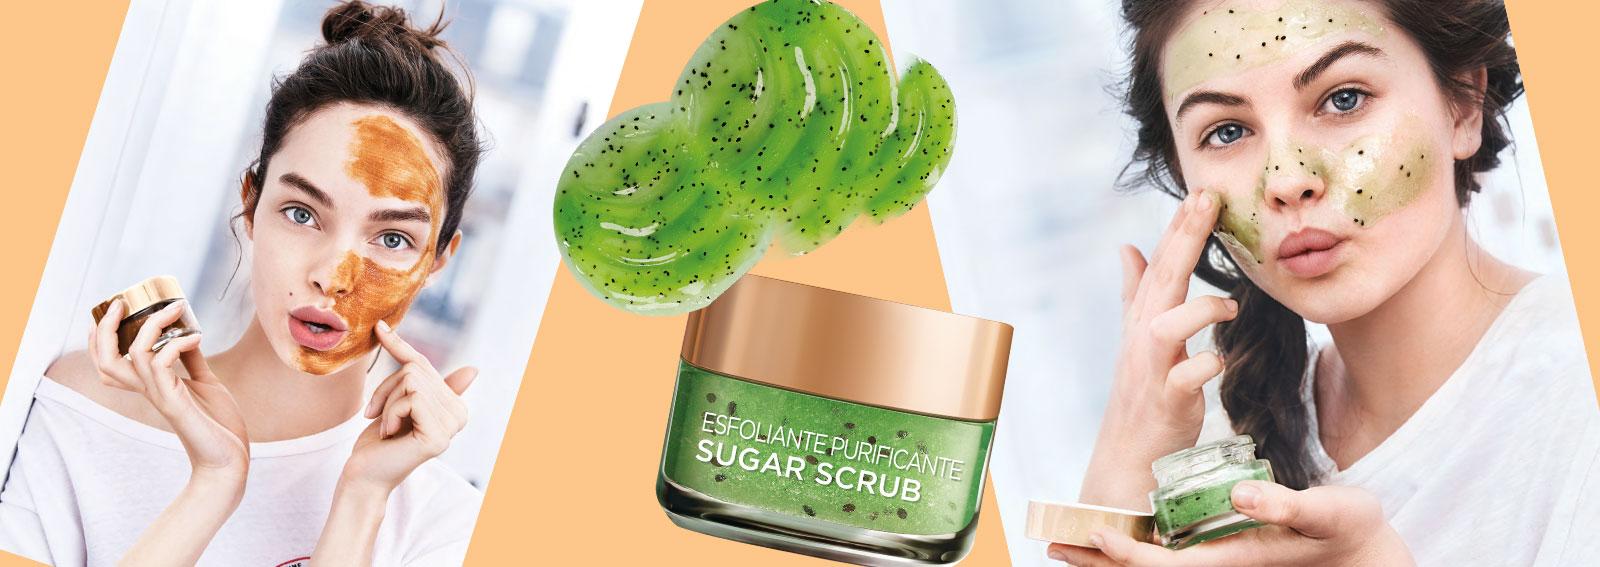 sugar-scrub-desktop